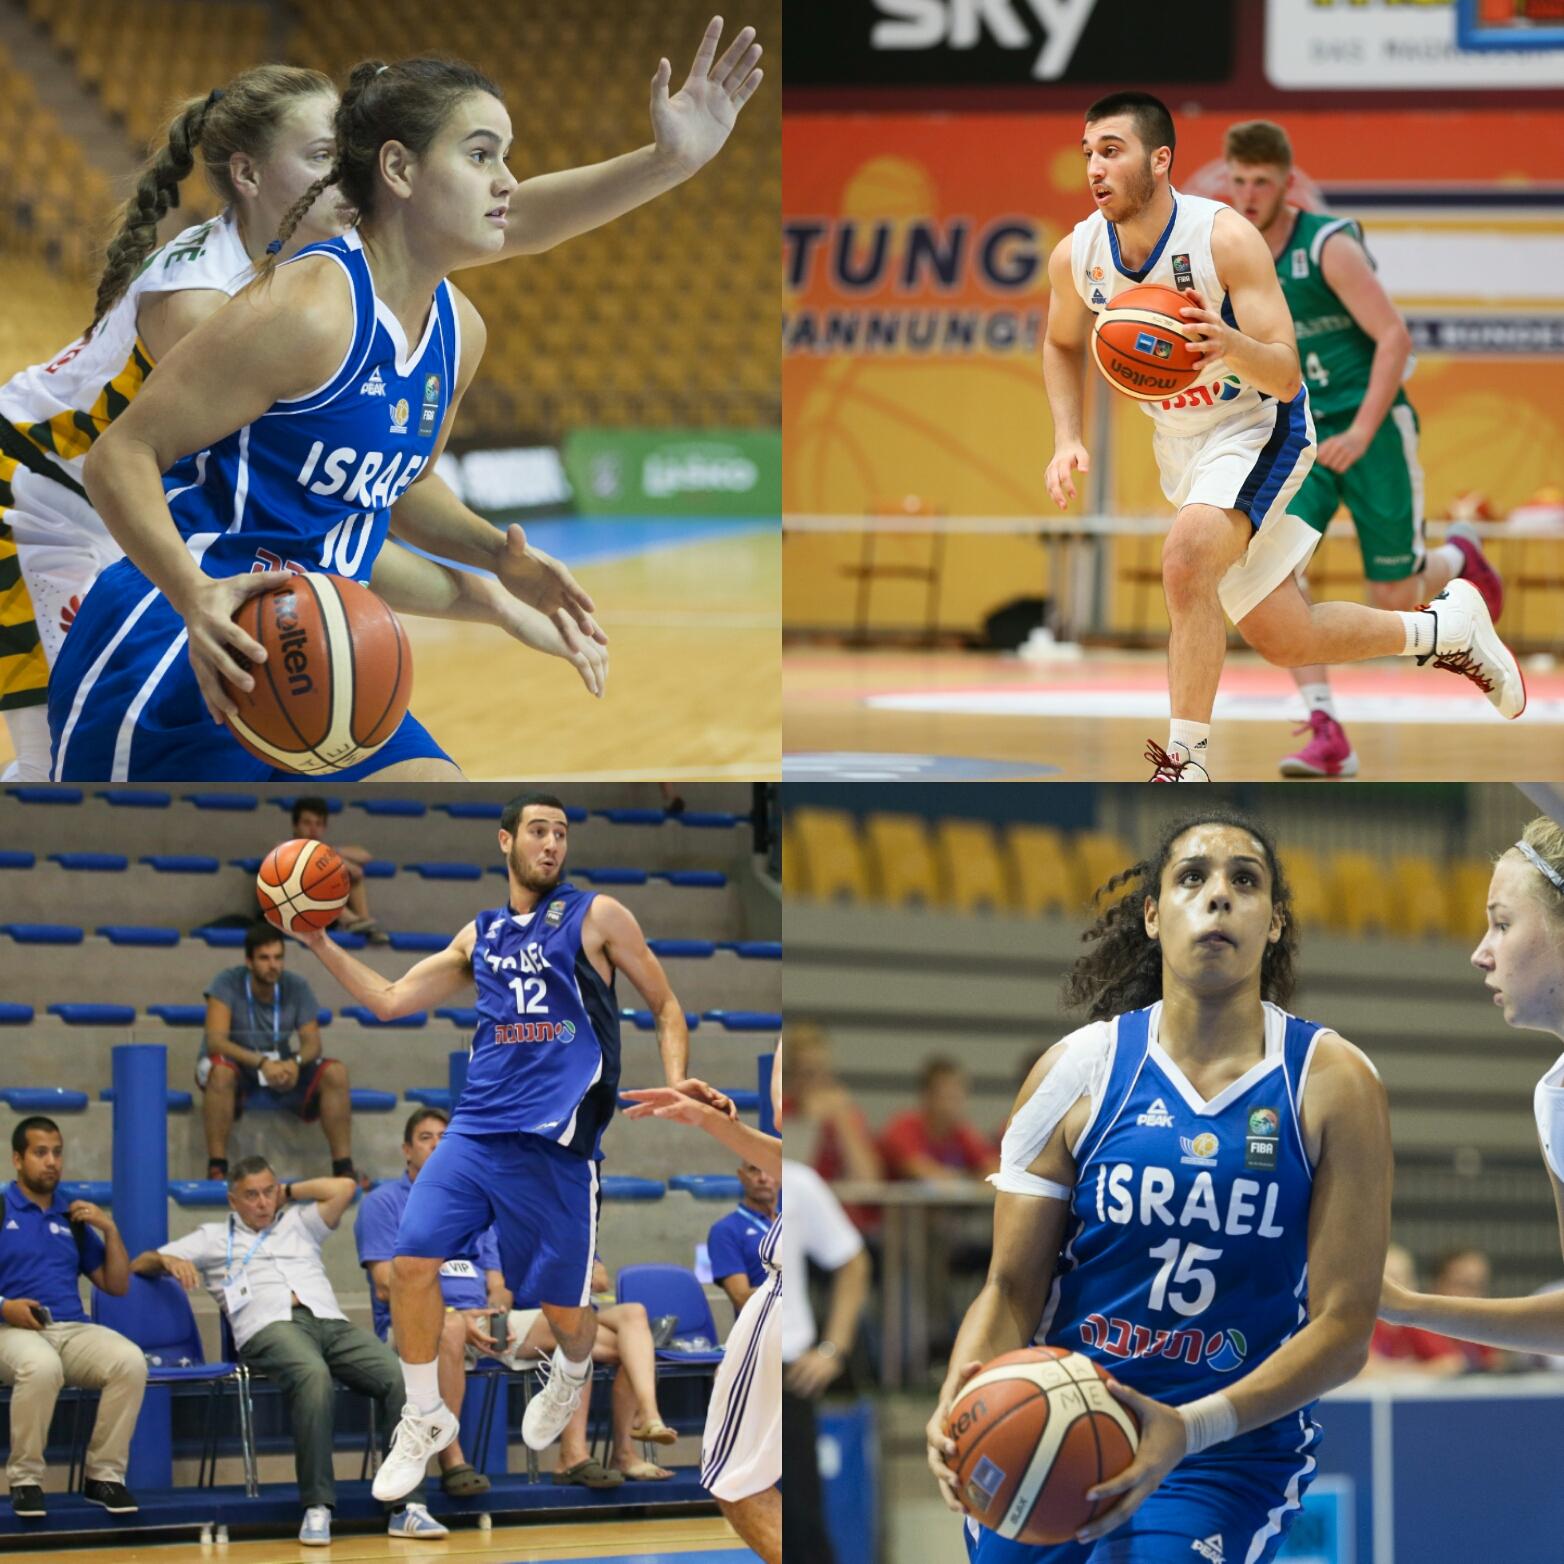 קיץ עמוס לנבחרות הצעירות של ישראל. נבחרת הנוער תפגוש את ספרד החזקה, הנערות את צרפת סגנית אלופת אירופה